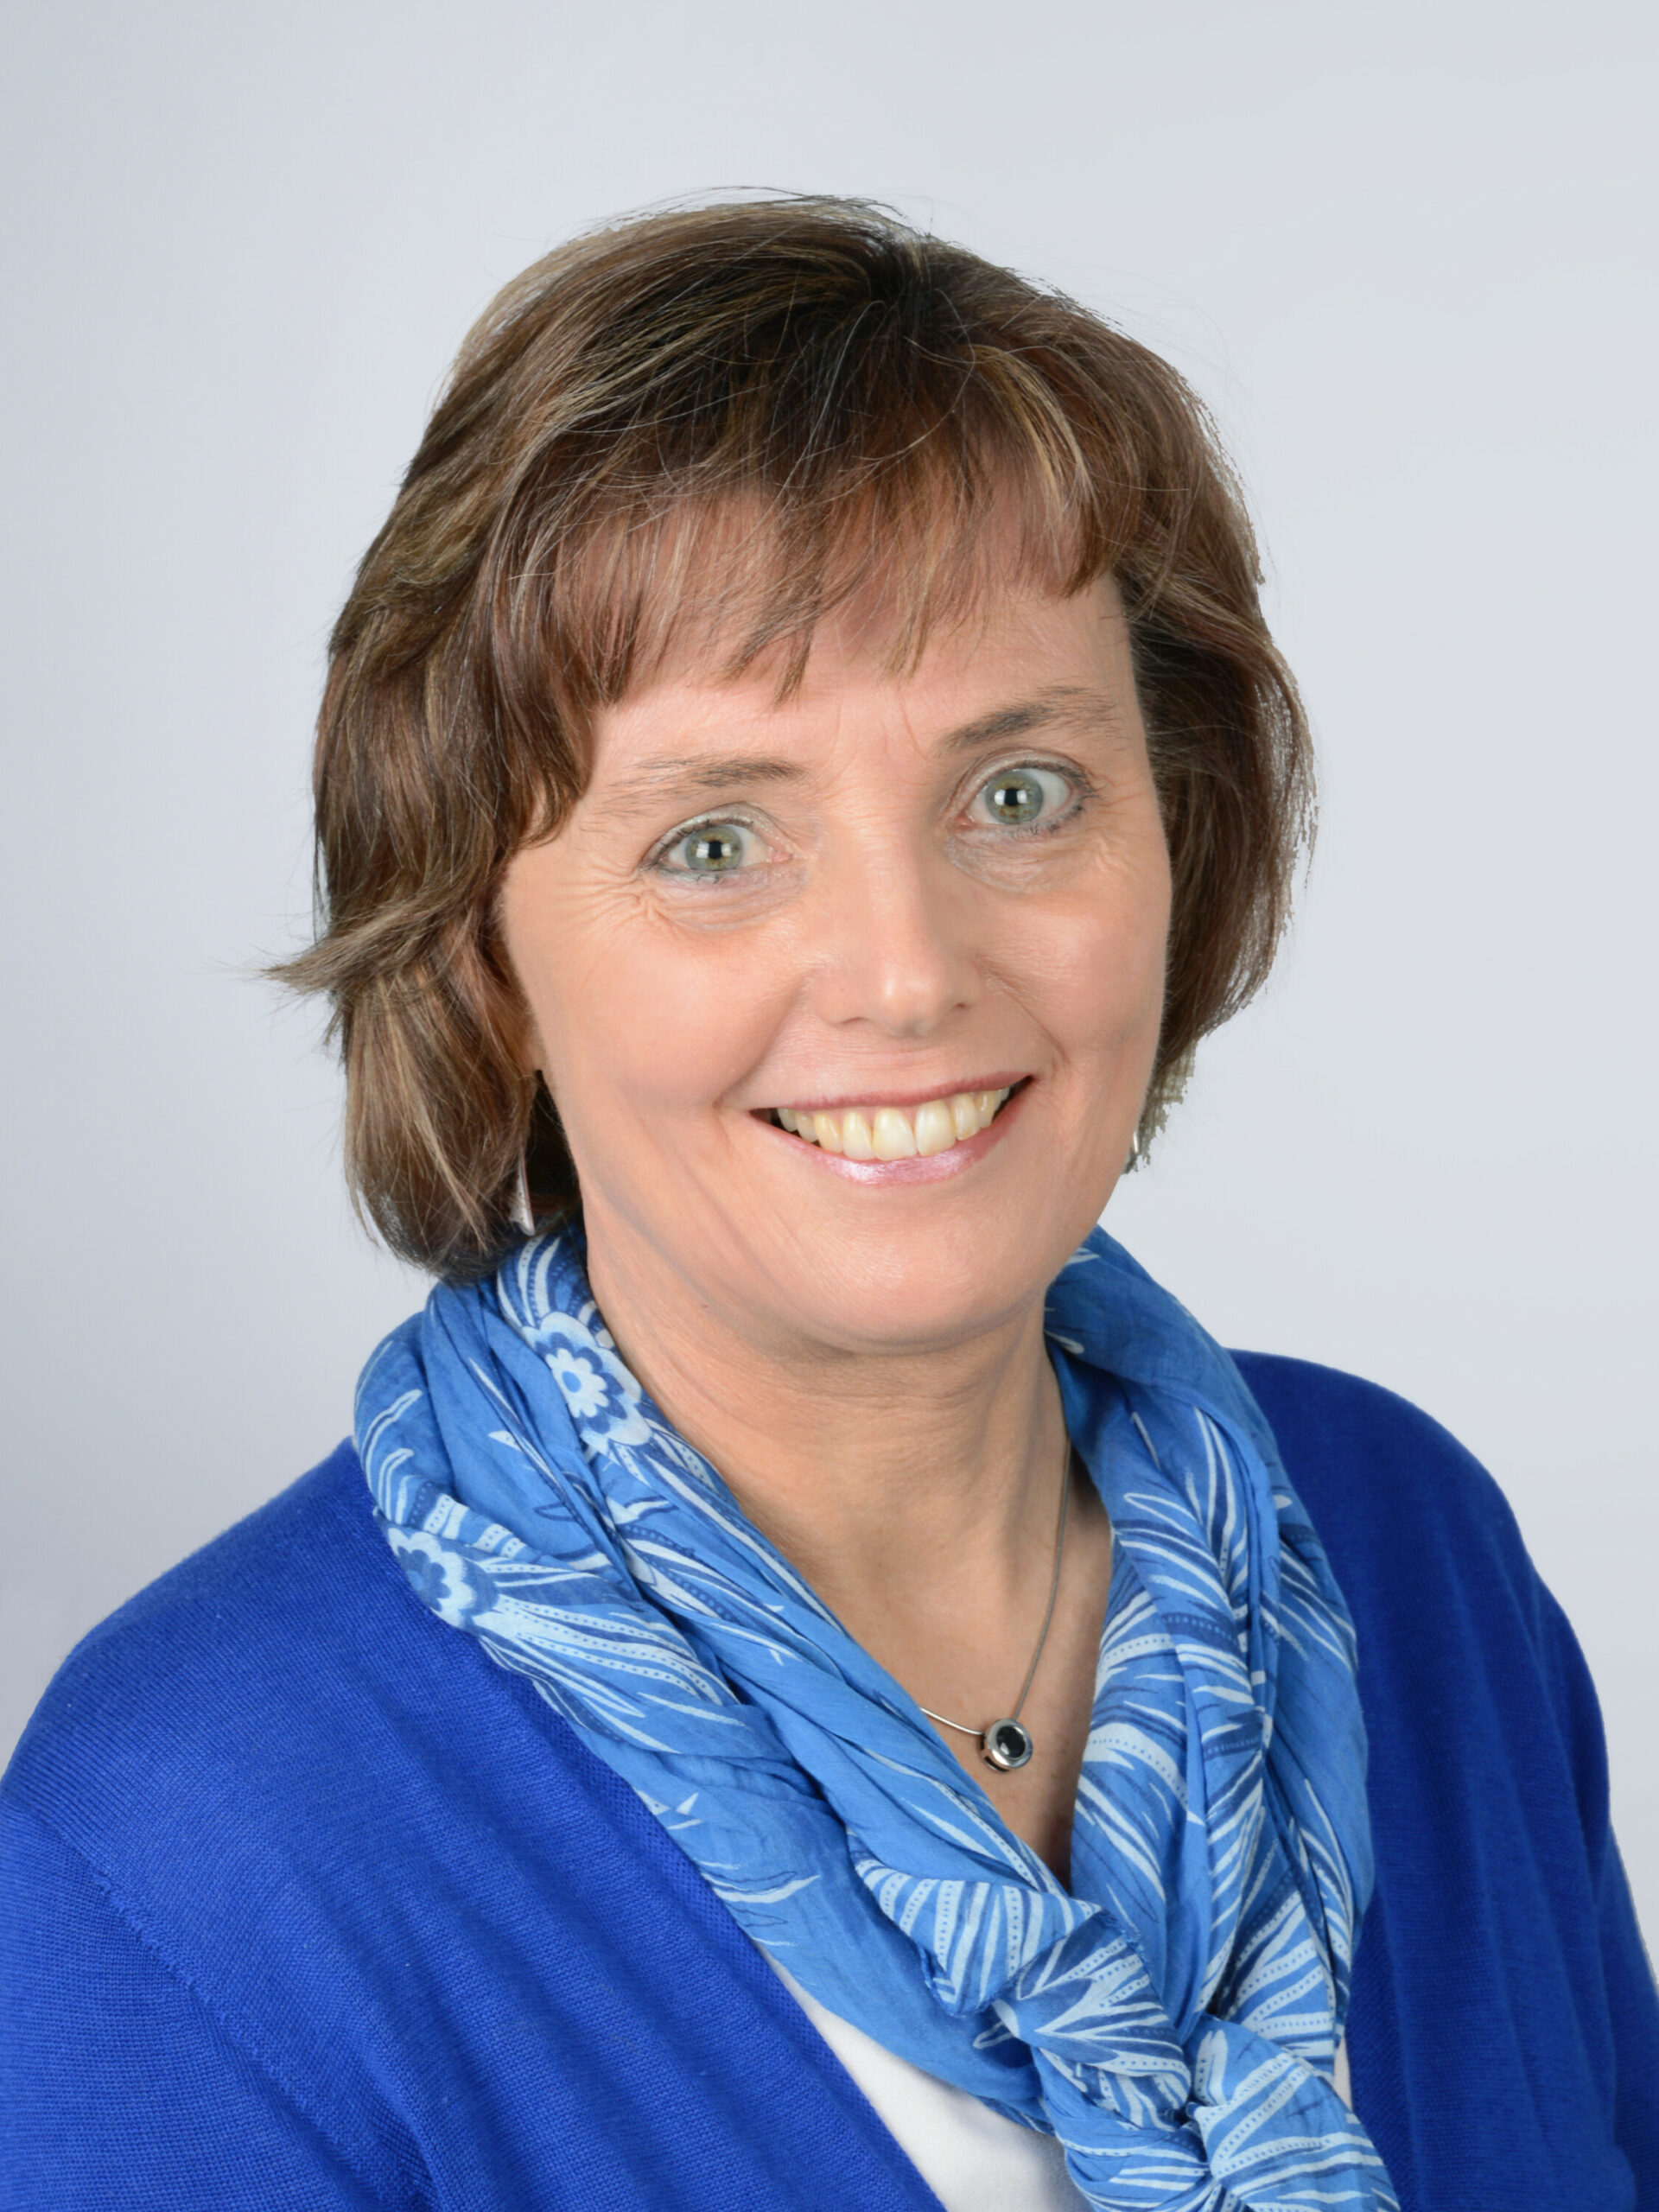 Ingrid Feil